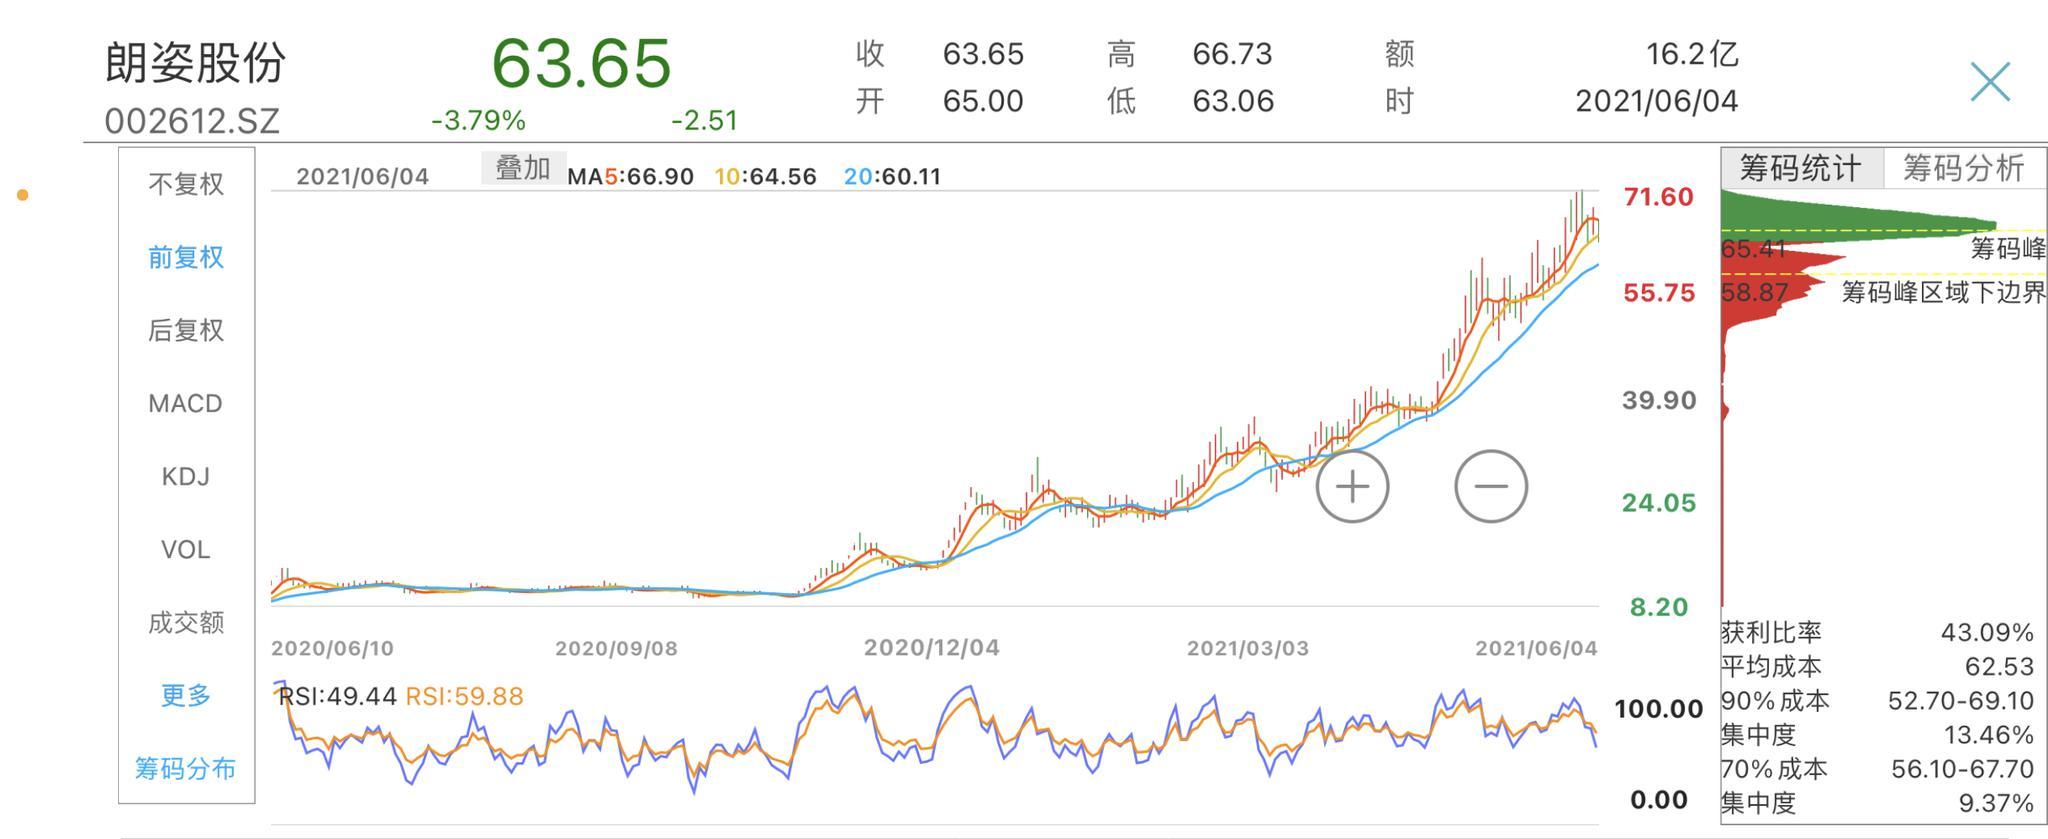 朗姿股份股东拟清仓式减持 进军医美领域股价一年涨10倍